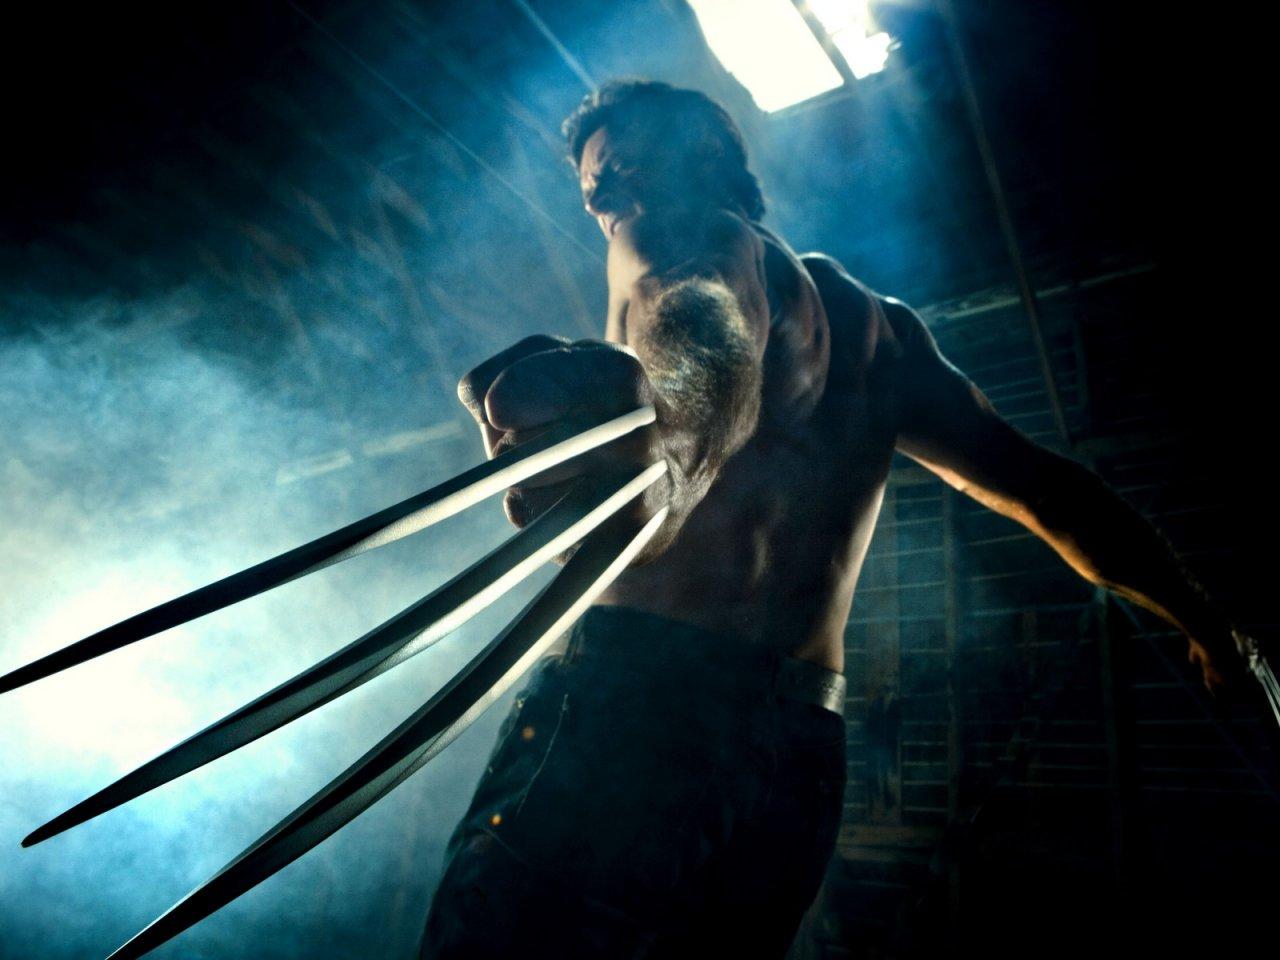 kinopoisk.ru-X-Men-Origins_3A-Wolverine-863620_1280.jpg